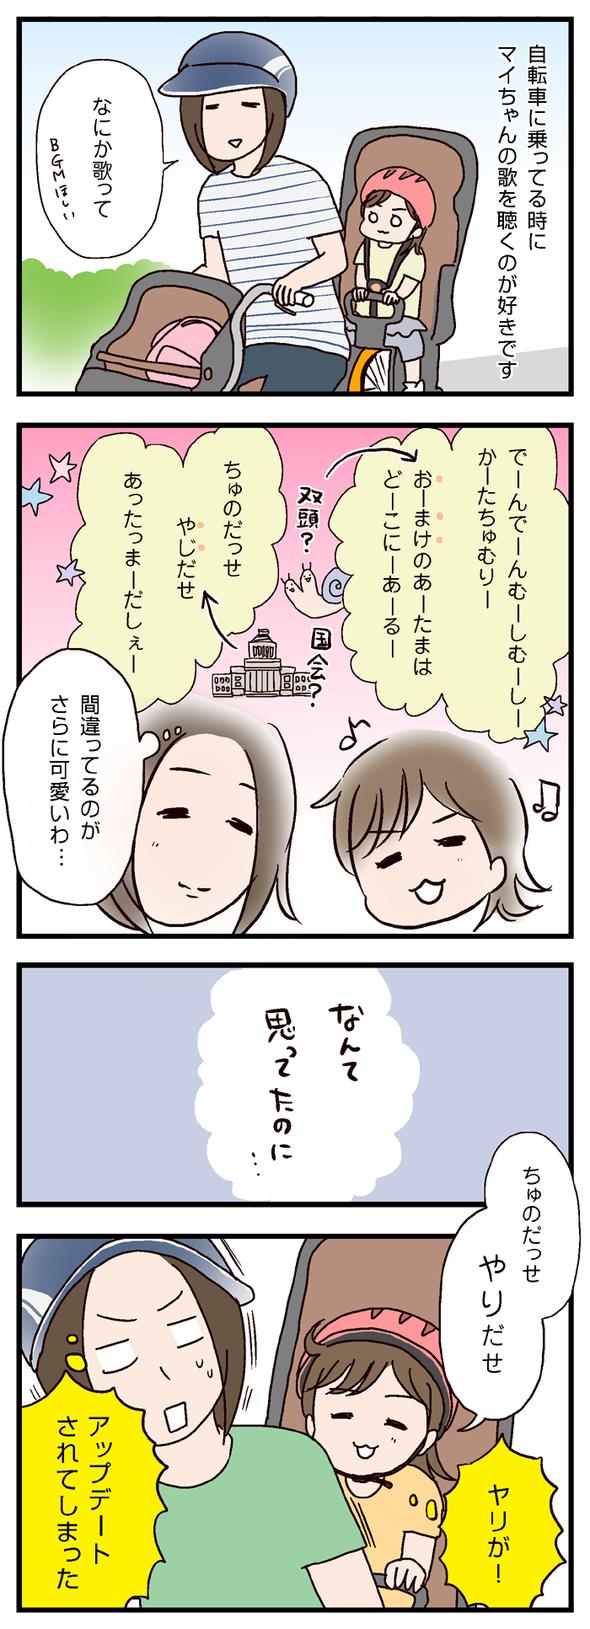 icchomae360